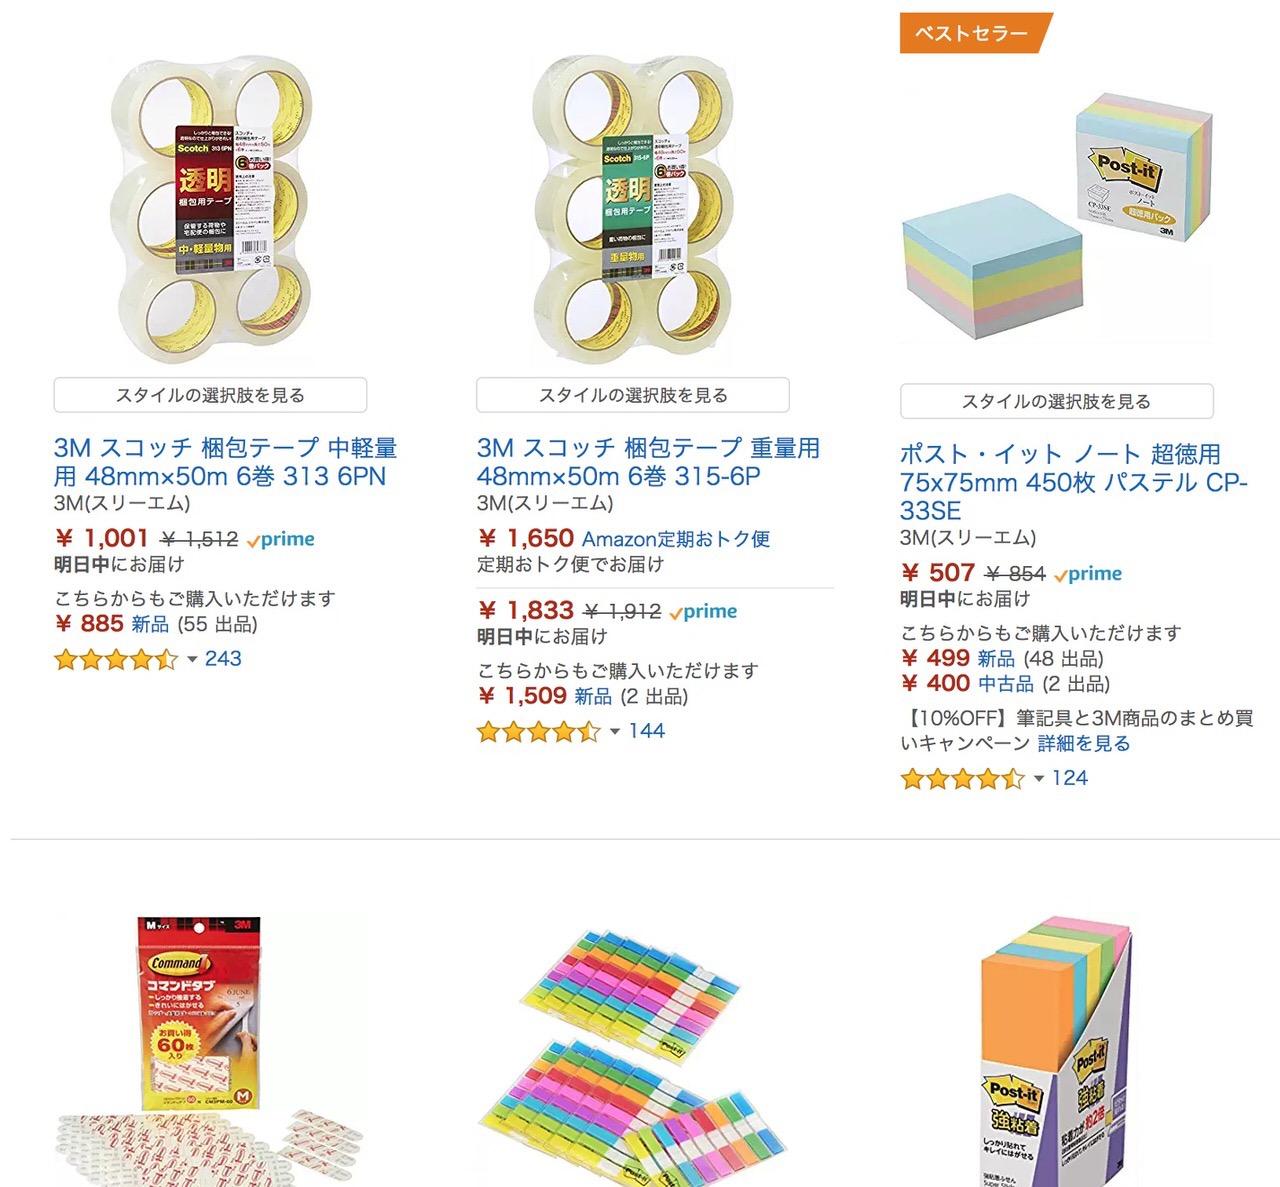 【20%OFF】Amazon「3Mの対象商品20%OFFキャンペーン」(5/31まで)